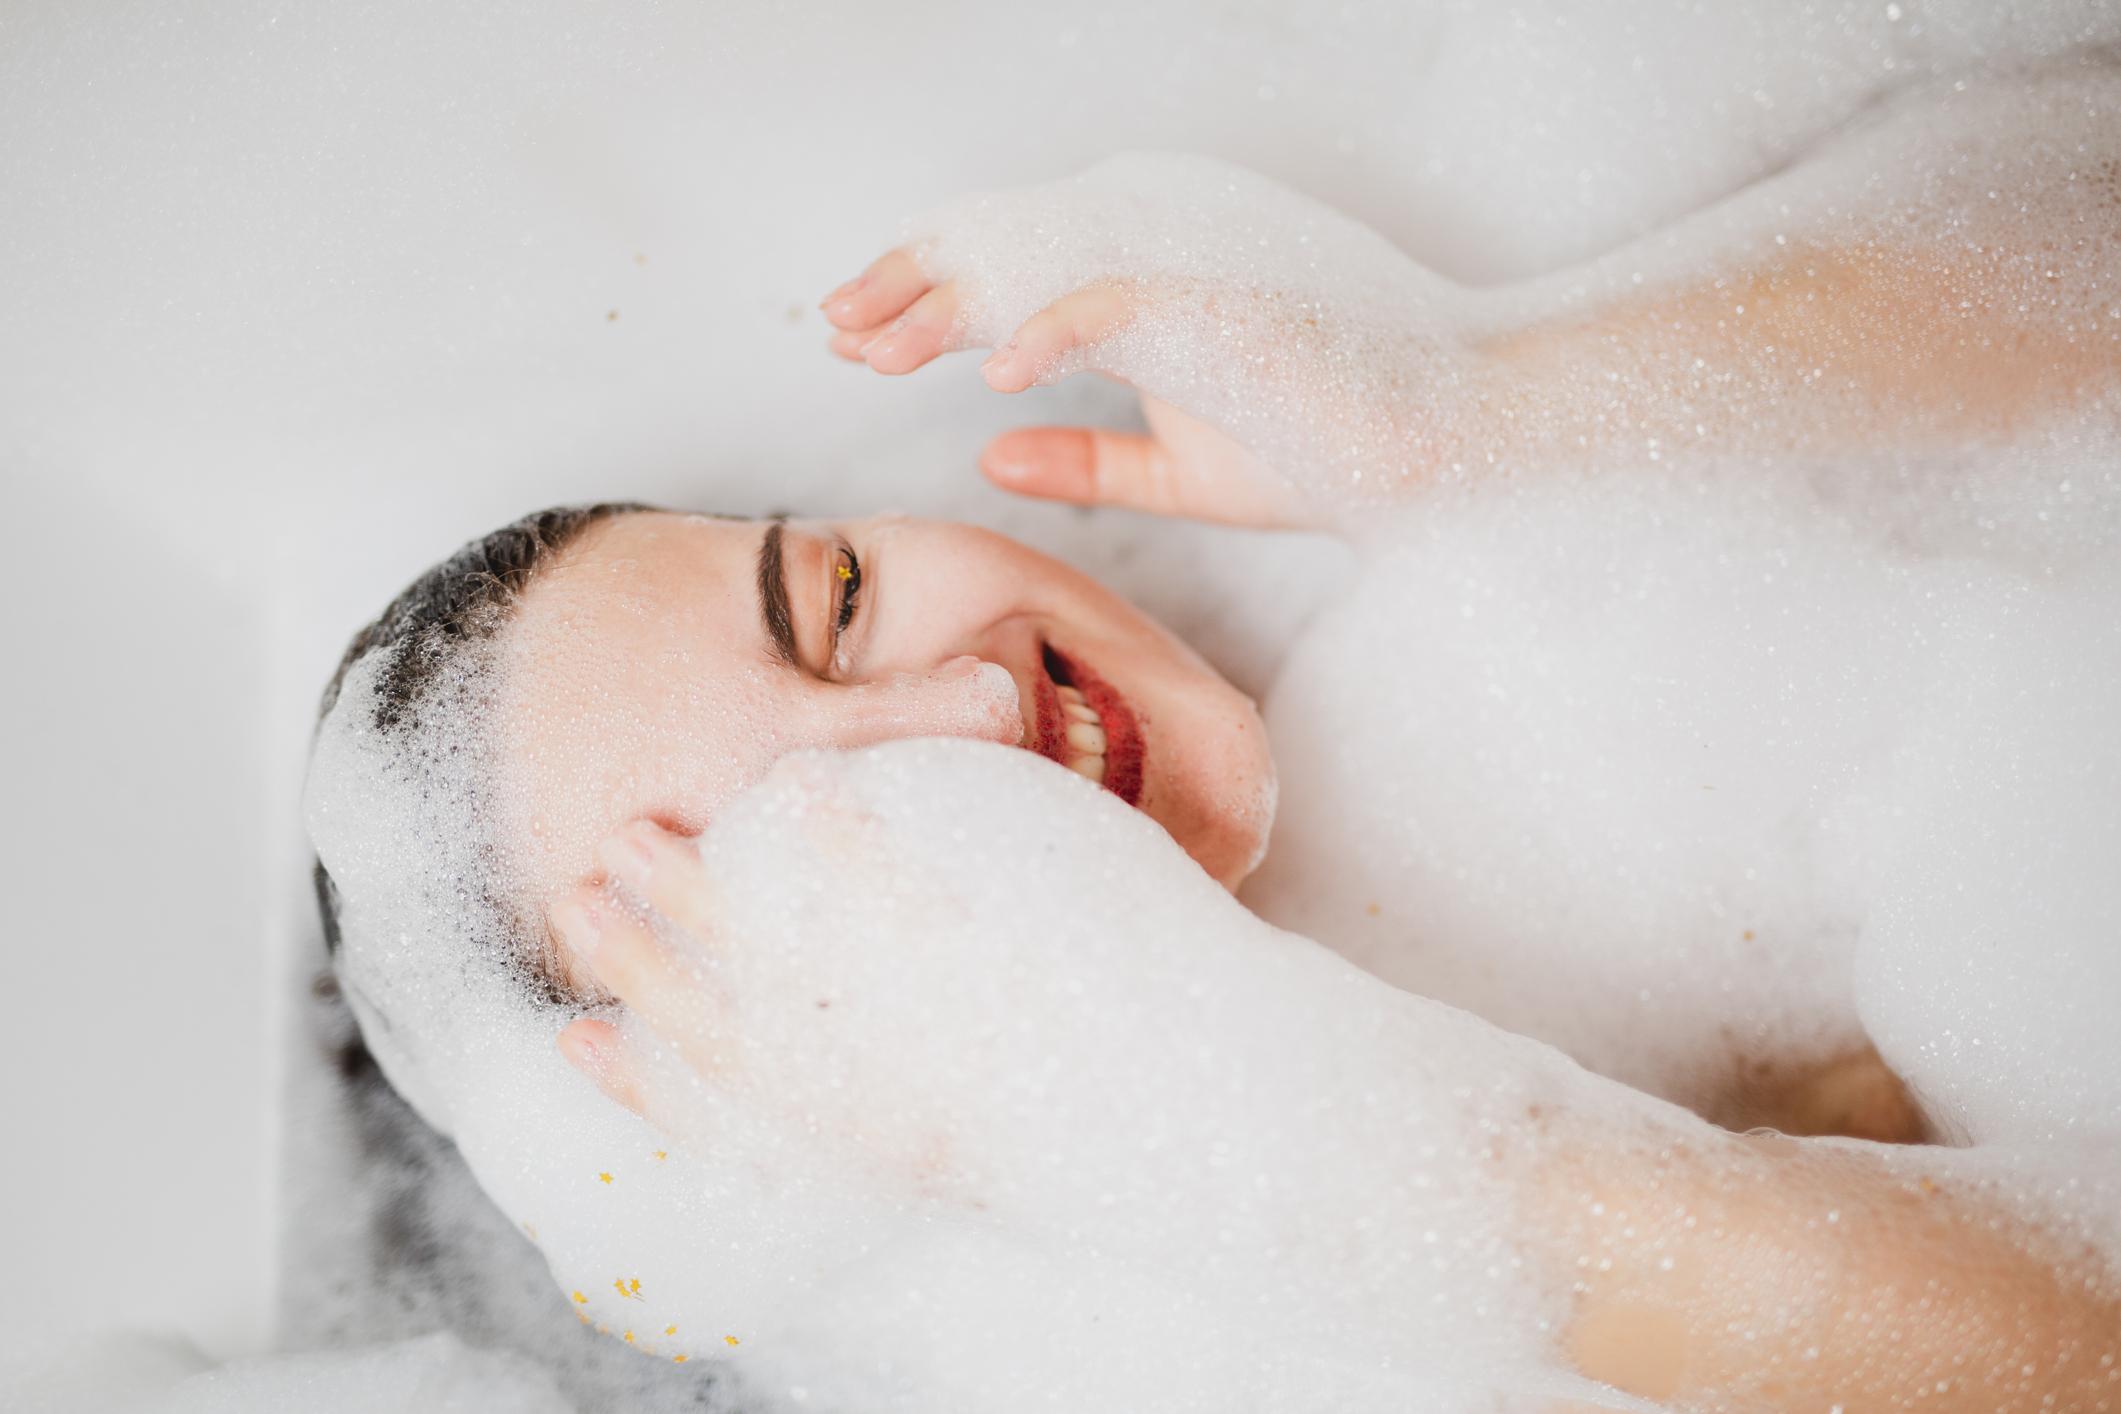 sữa tắm dưỡng ẩm tốt nhất